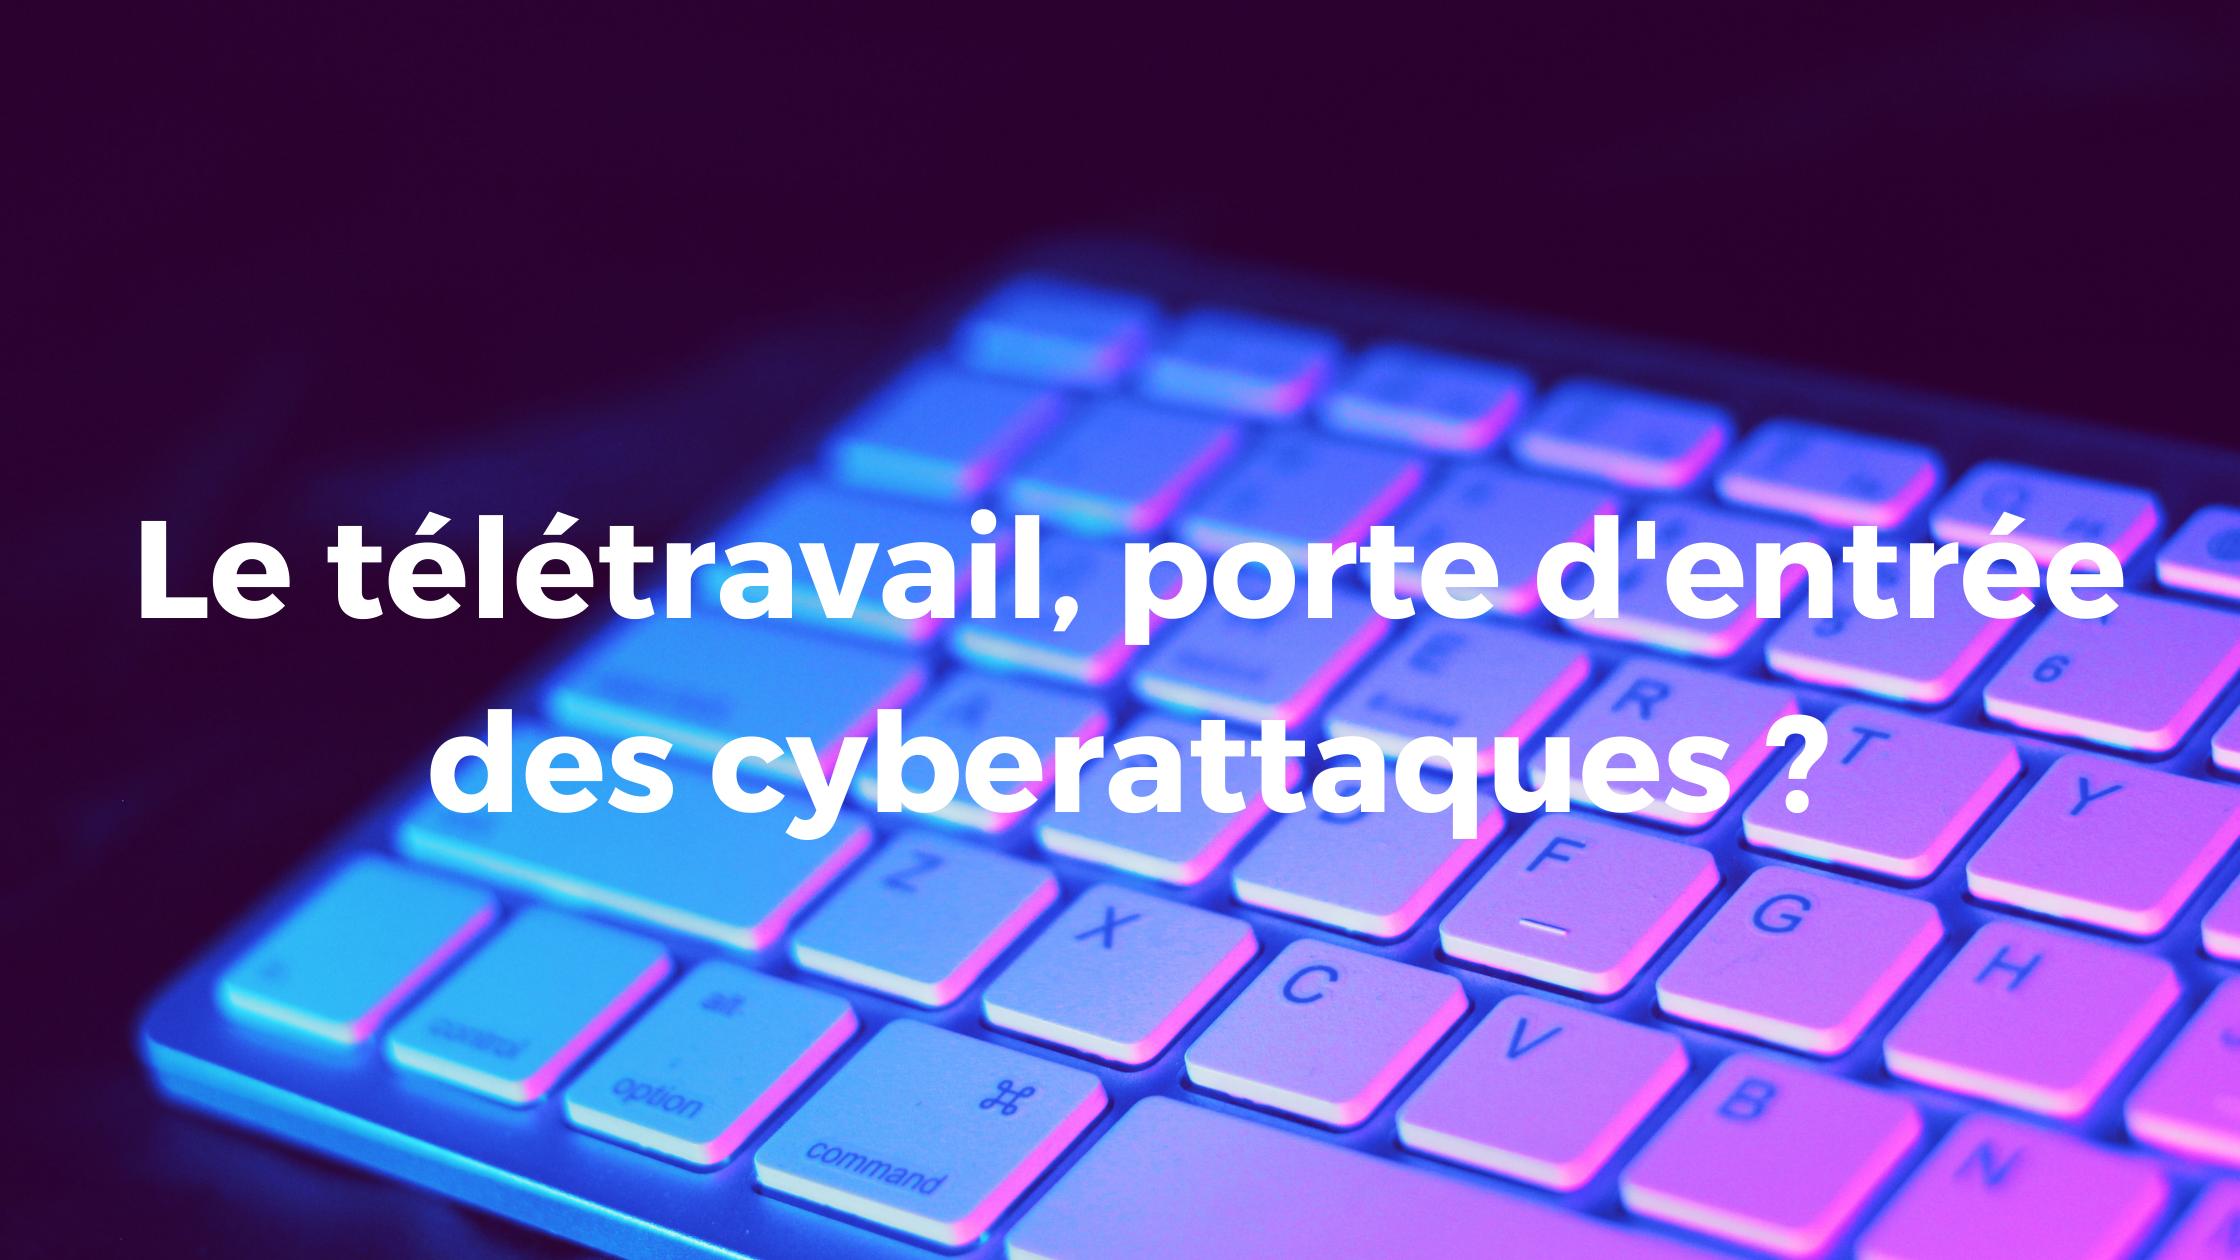 Le télétravail, porte d'entrée des cyberattaques ?